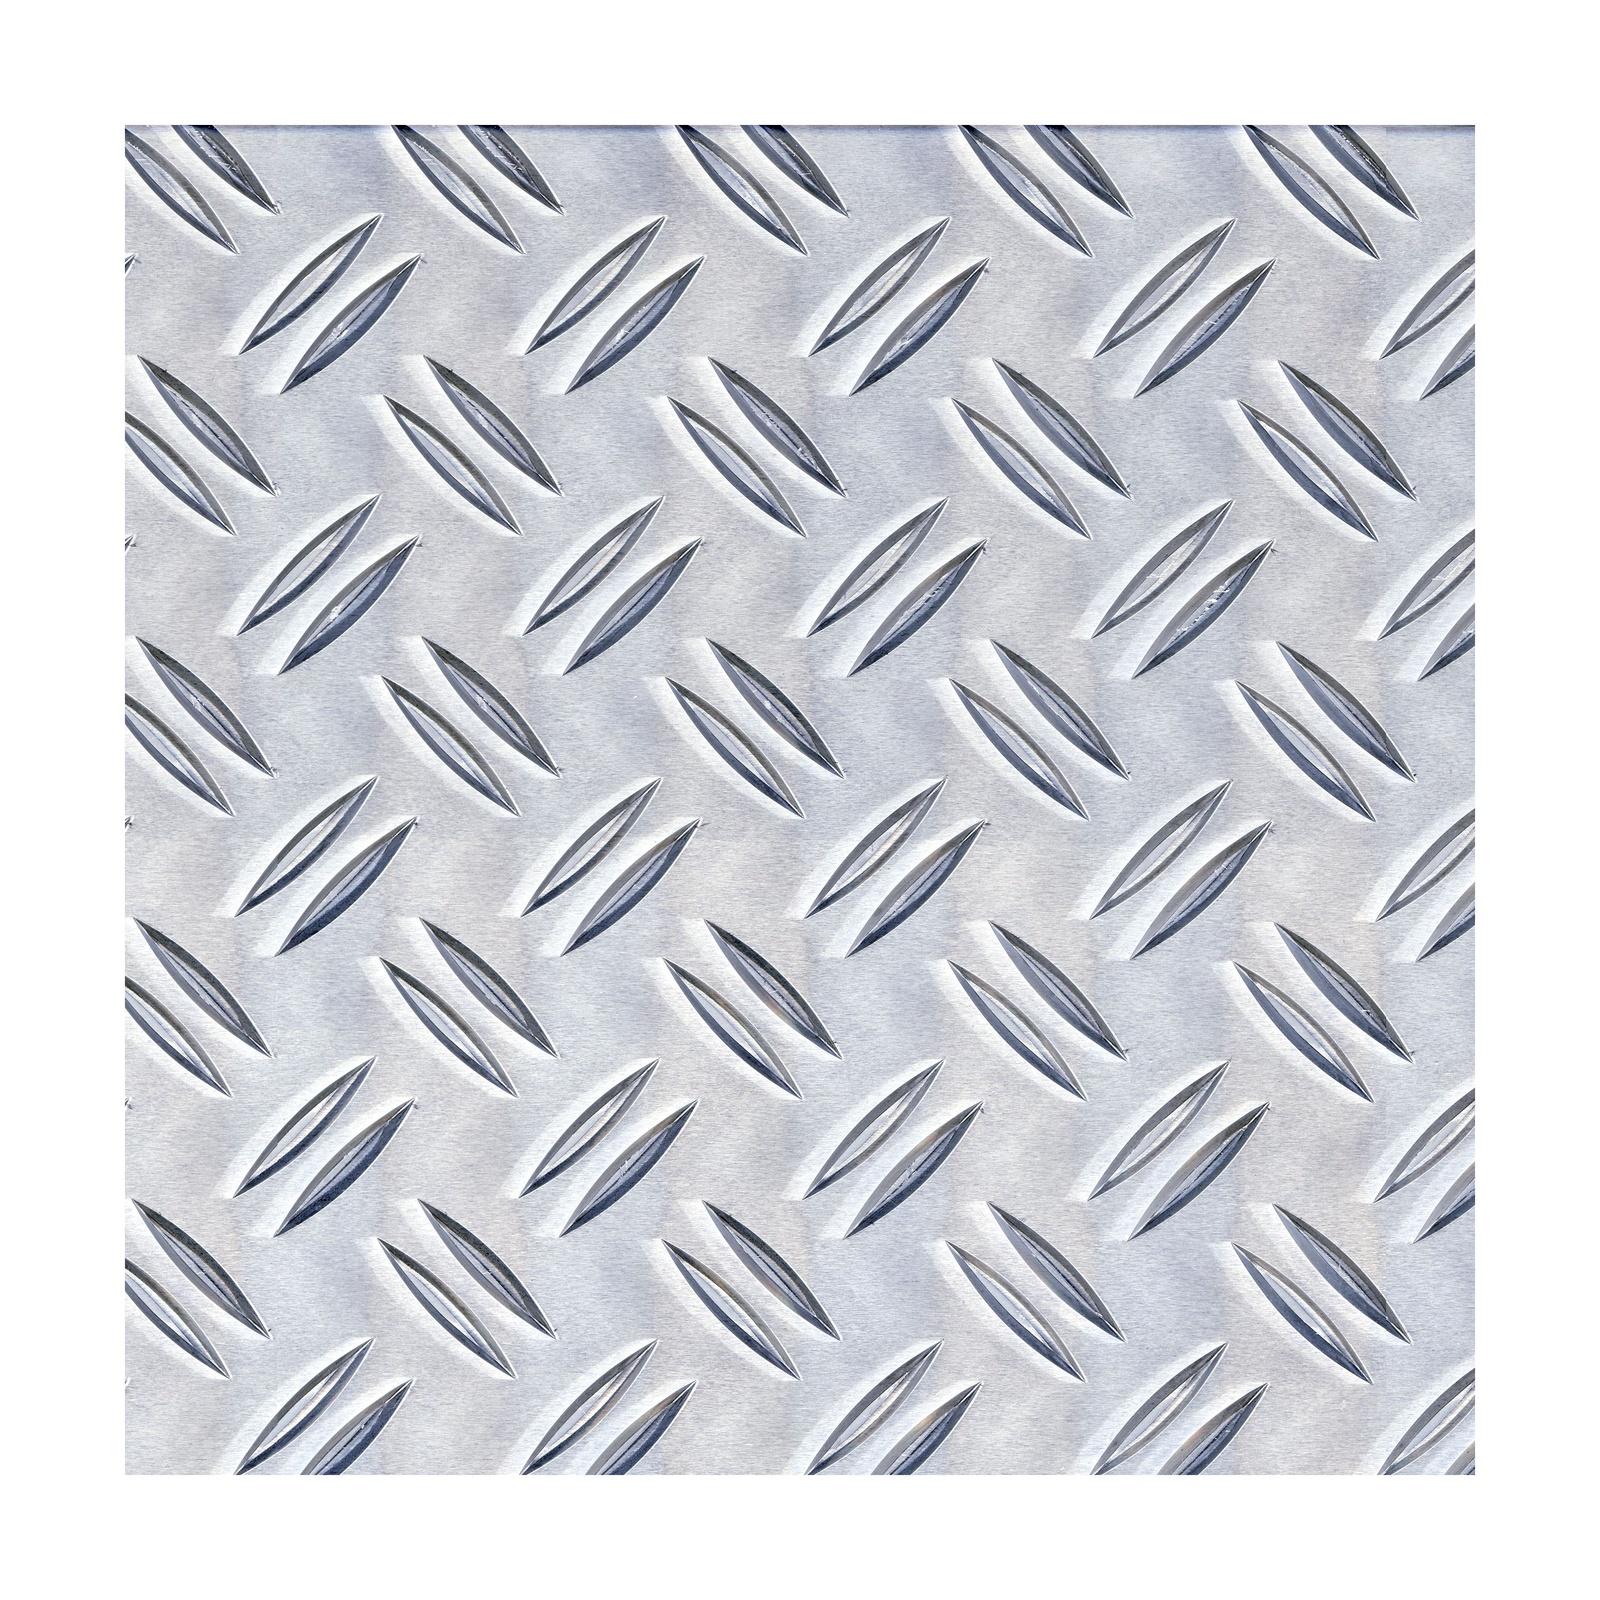 Лист алюминиевый, Gah Alberts, рельефный,зерна, 600х1000х1,5